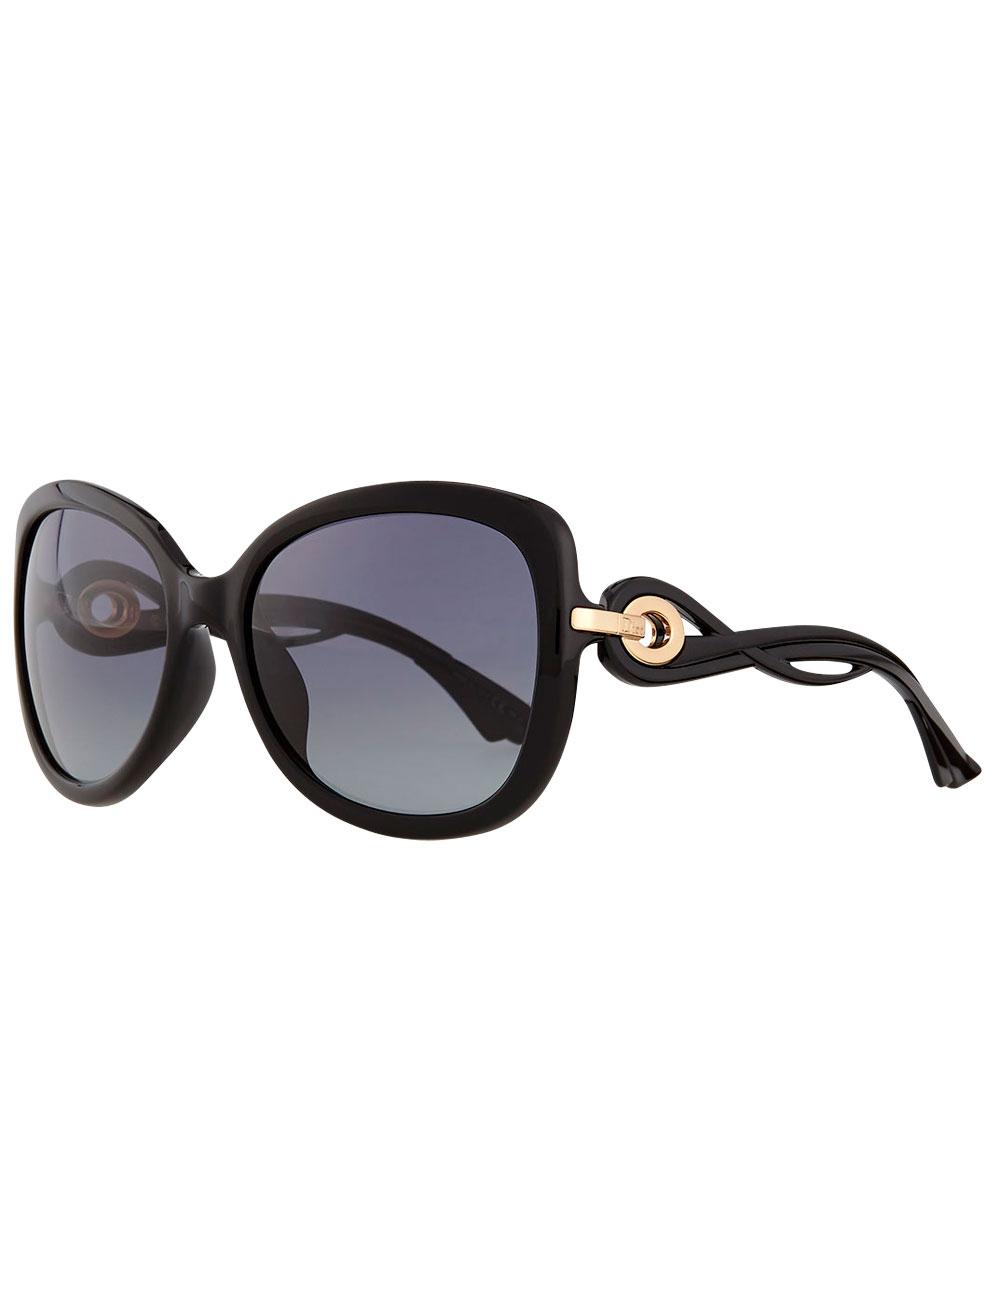 2123a25cab Lunettes de soleil Dior pour femmes, noir